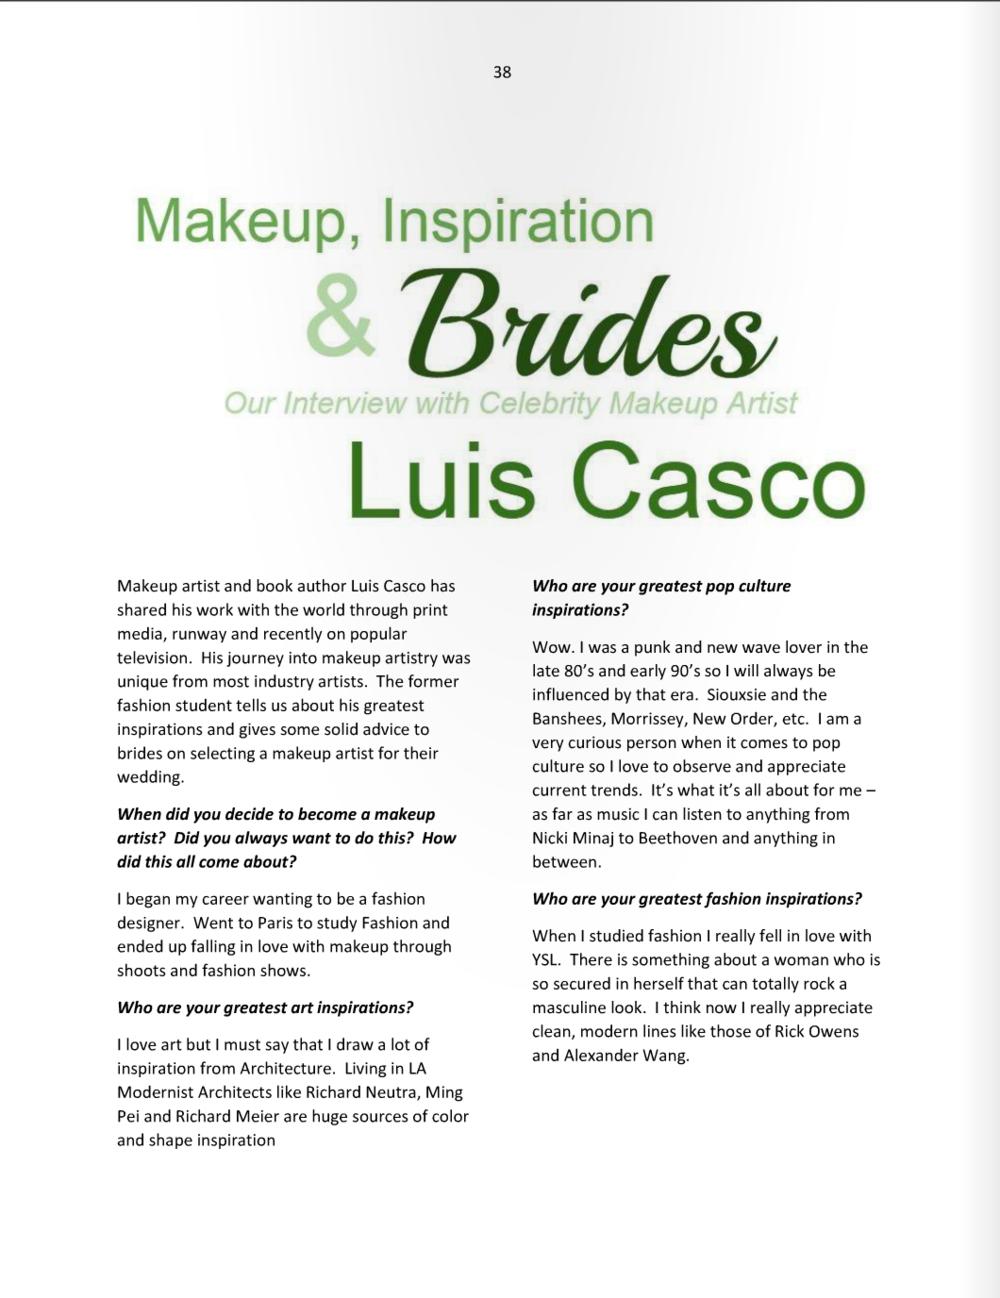 Luis Casco Brides